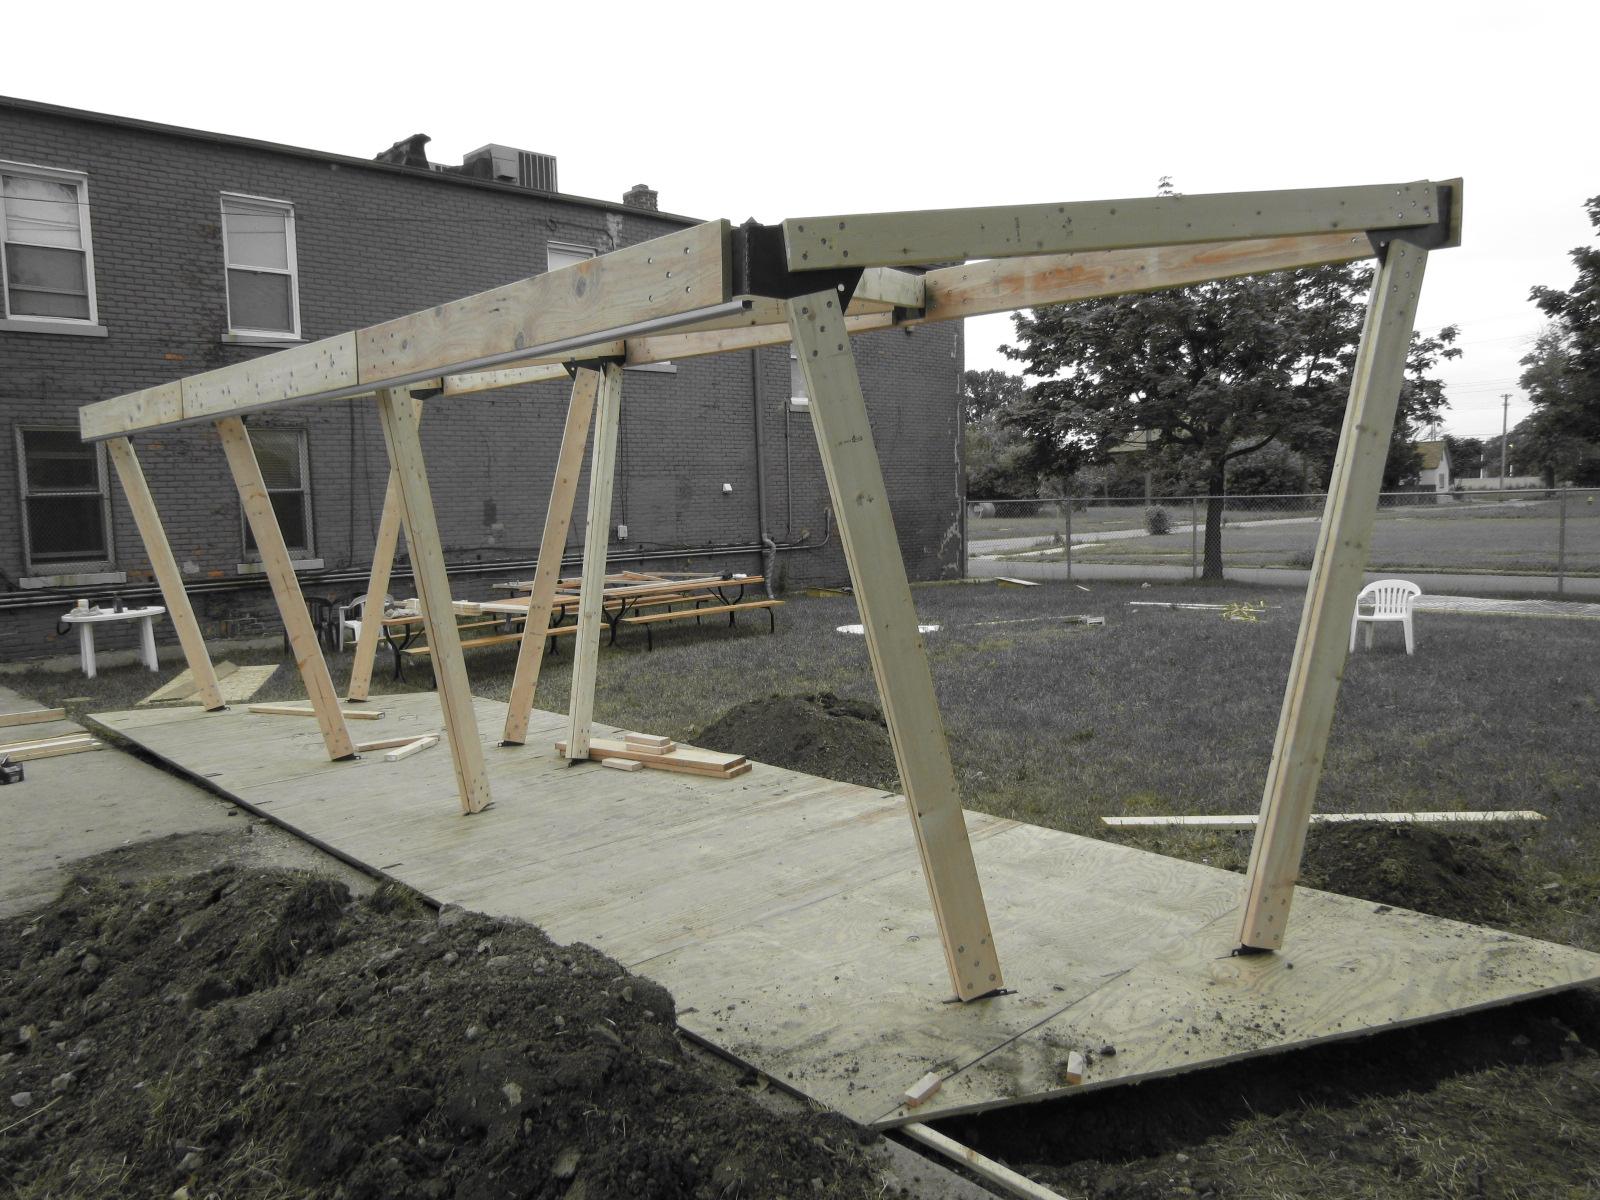 10_Hostel Detroit_Structural Frame